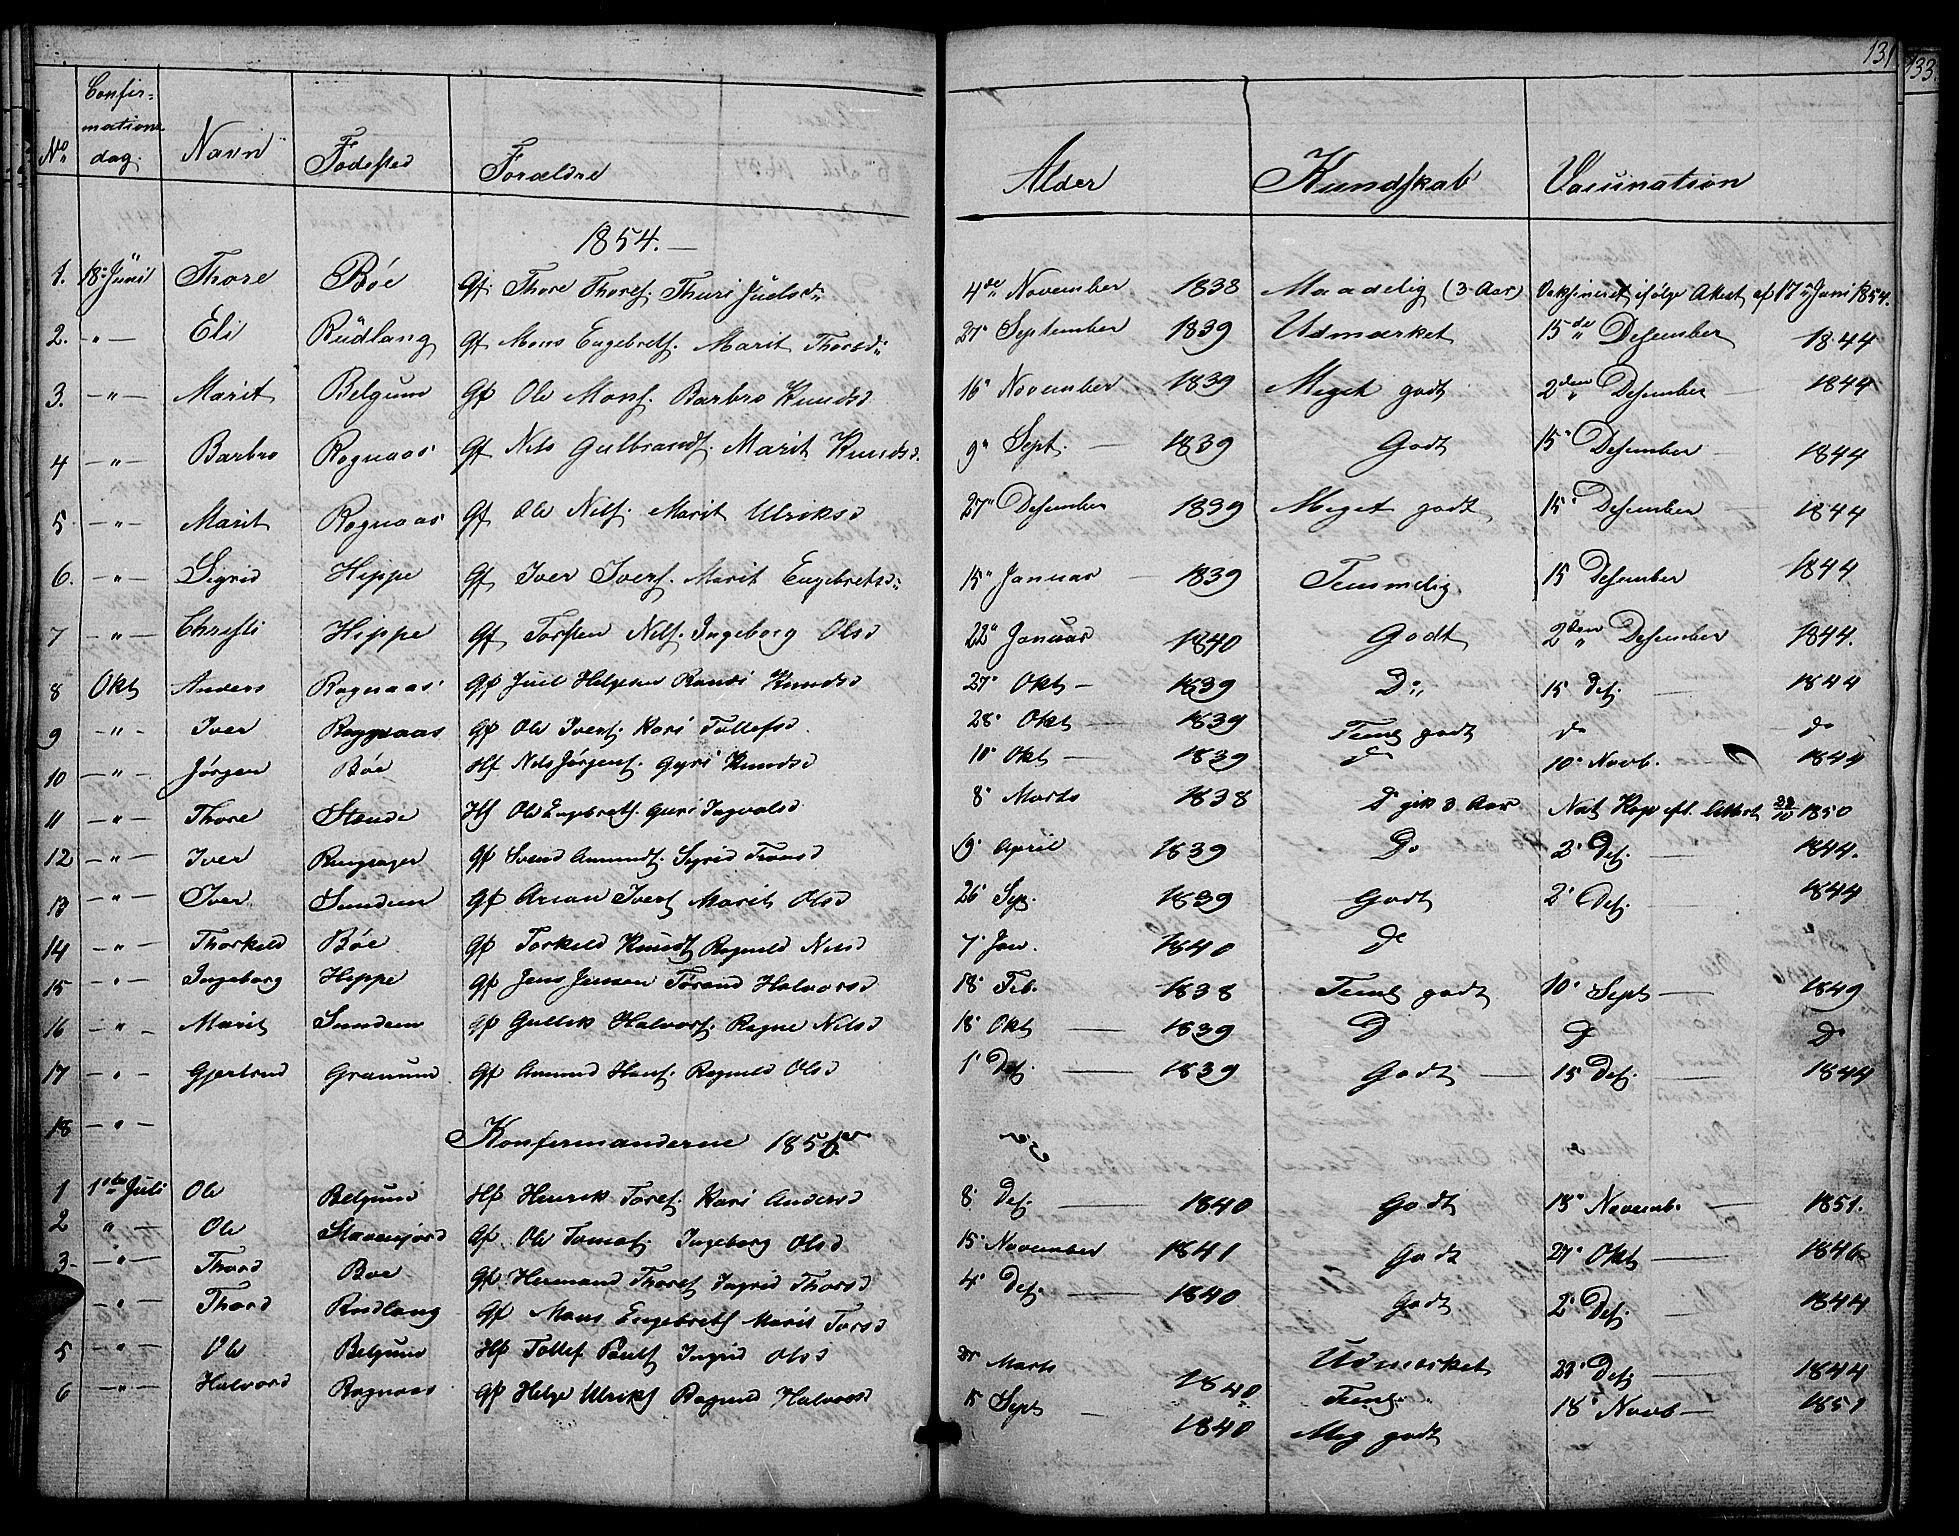 SAH, Nord-Aurdal prestekontor, Klokkerbok nr. 4, 1842-1882, s. 131